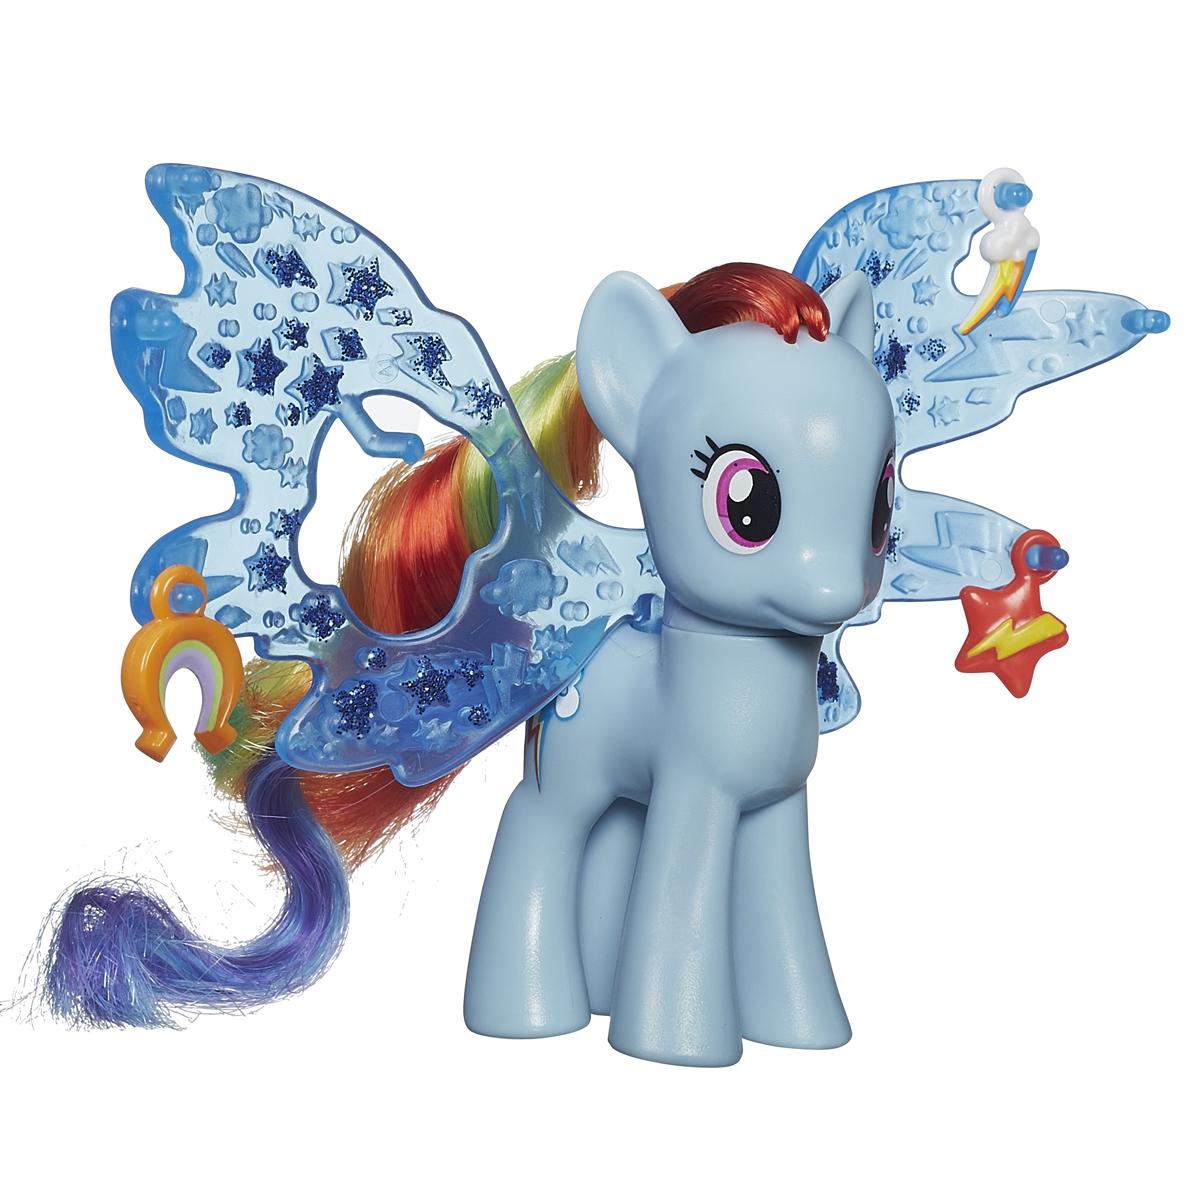 My Little Pony Фигурка пони Рейнбоу Дэш с волшебными крыльямиB0358EU4_B0671Фигурка My Little Pony Рейнбоу Дэш привлечет внимание вашей малышки! Она выполнена из прочного пластика в виде очаровательной пони Рейнбоу Дэш с яркой гривой и хвостом с цветными прядками. Головка фигурки подвижна. В комплект с пони входят большие пластиковые крылья и три аксессуара, которыми их можно украсить. Вашей принцессе понравится играть с фигуркой и воссоздавать сцены из любимого мультсериала. Порадуйте ее таким замечательным подарком!